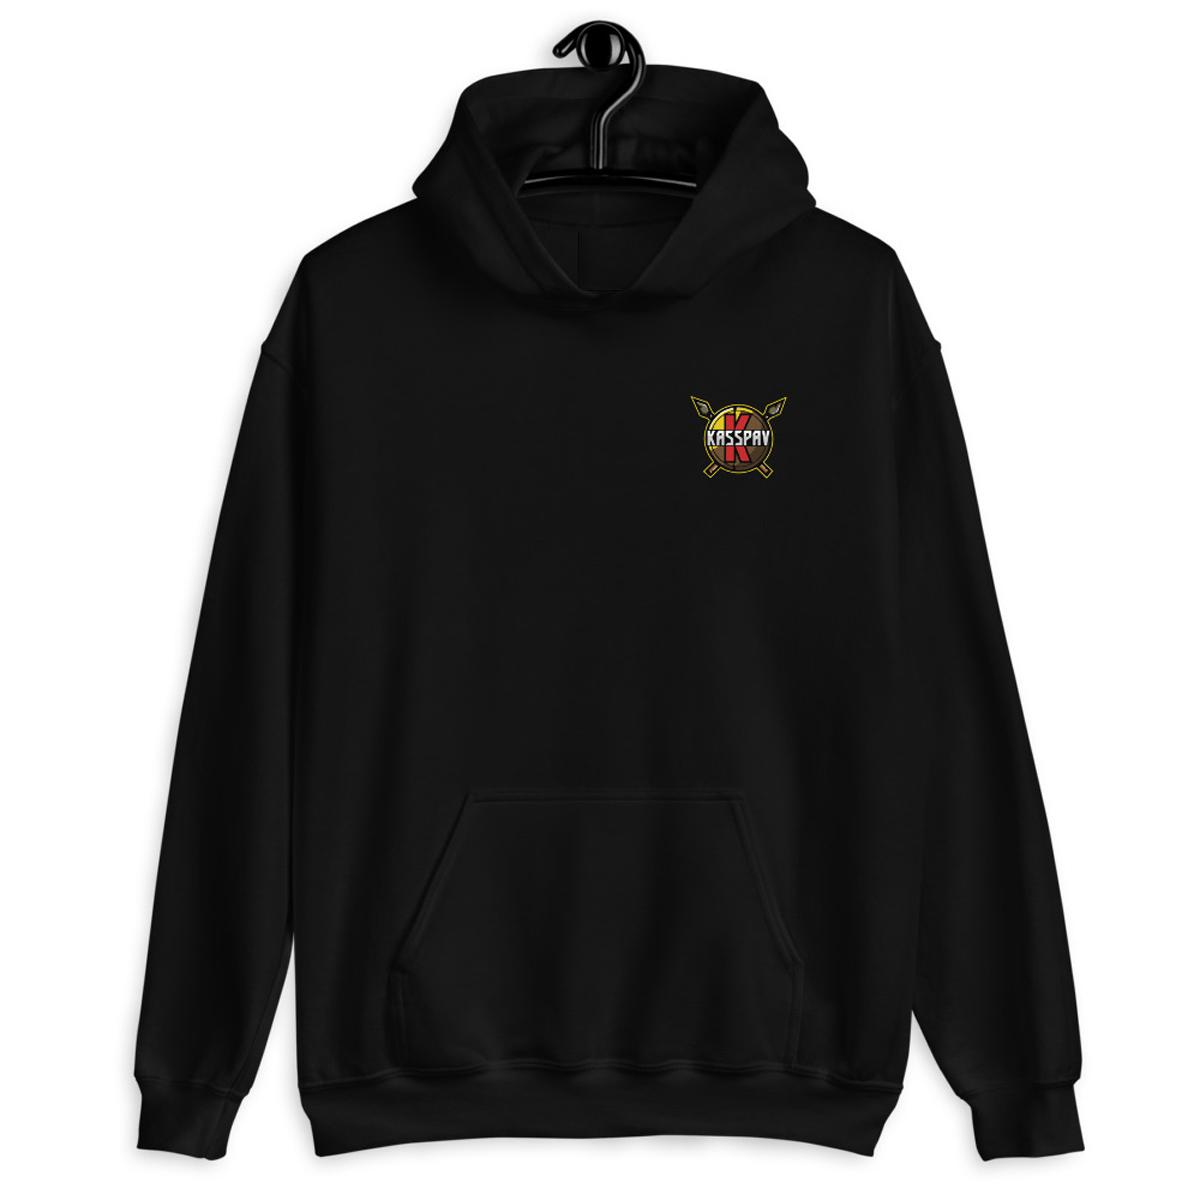 Kasspav Shield Crest Extreme Hoodie